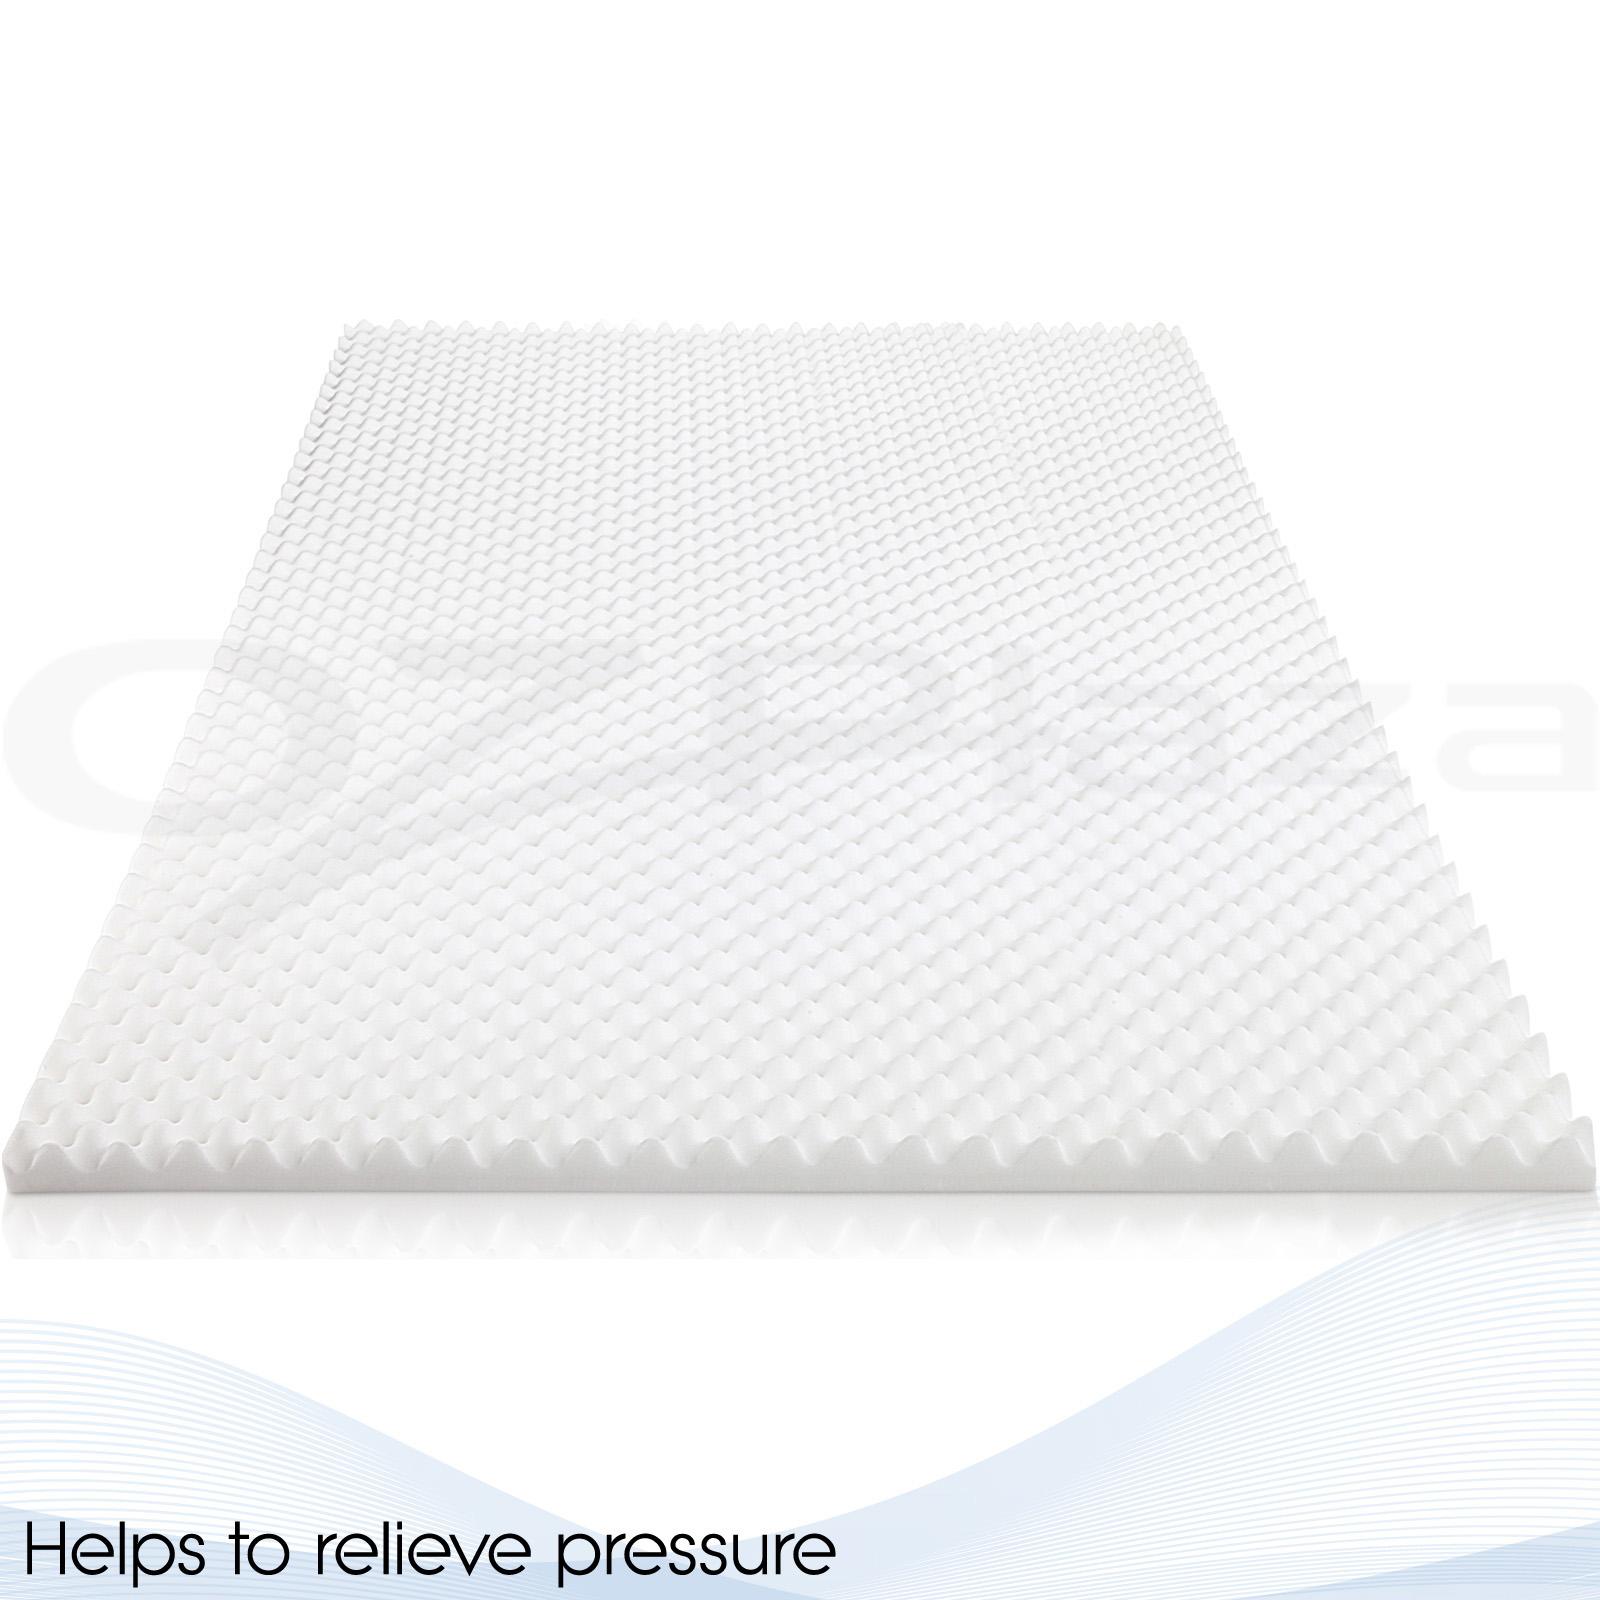 Deluxe Egg Crate Mattress Topper 5 Cm Foam Underlay Protector Queen Size Ebay